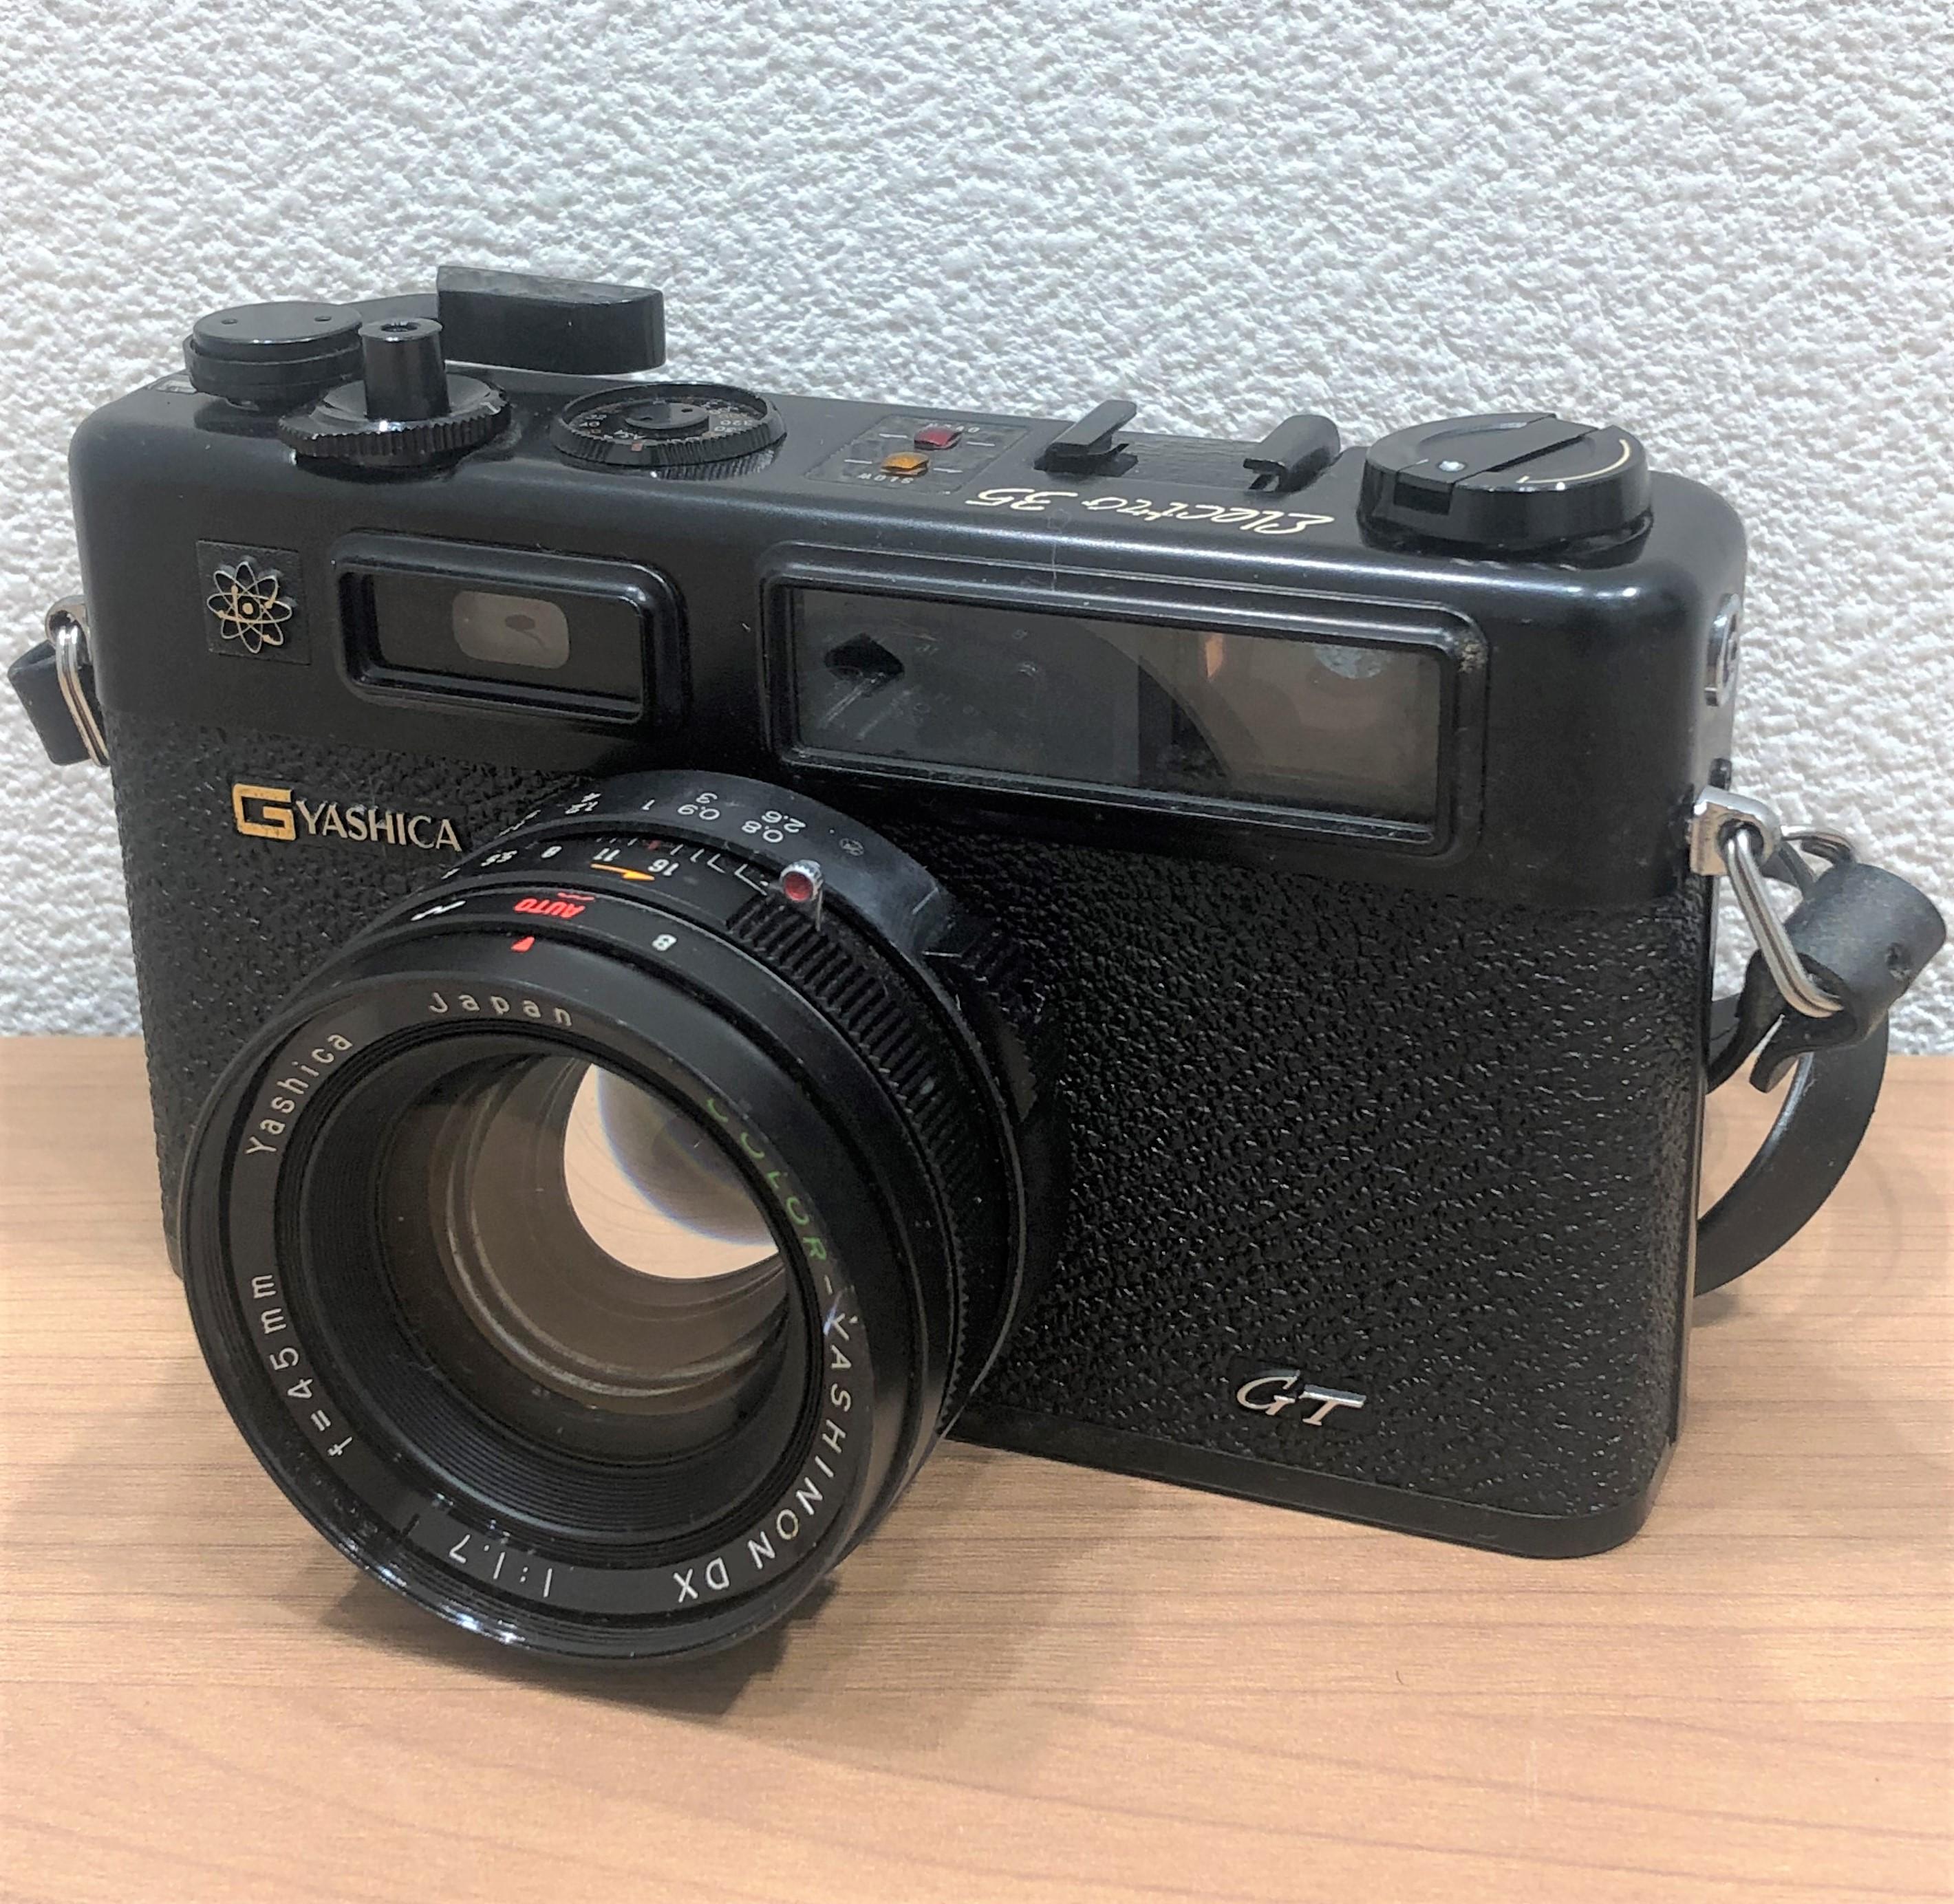 【YASHICA/ヤシカ】エレクトロ35 11.7 45mm フィルムカメラ